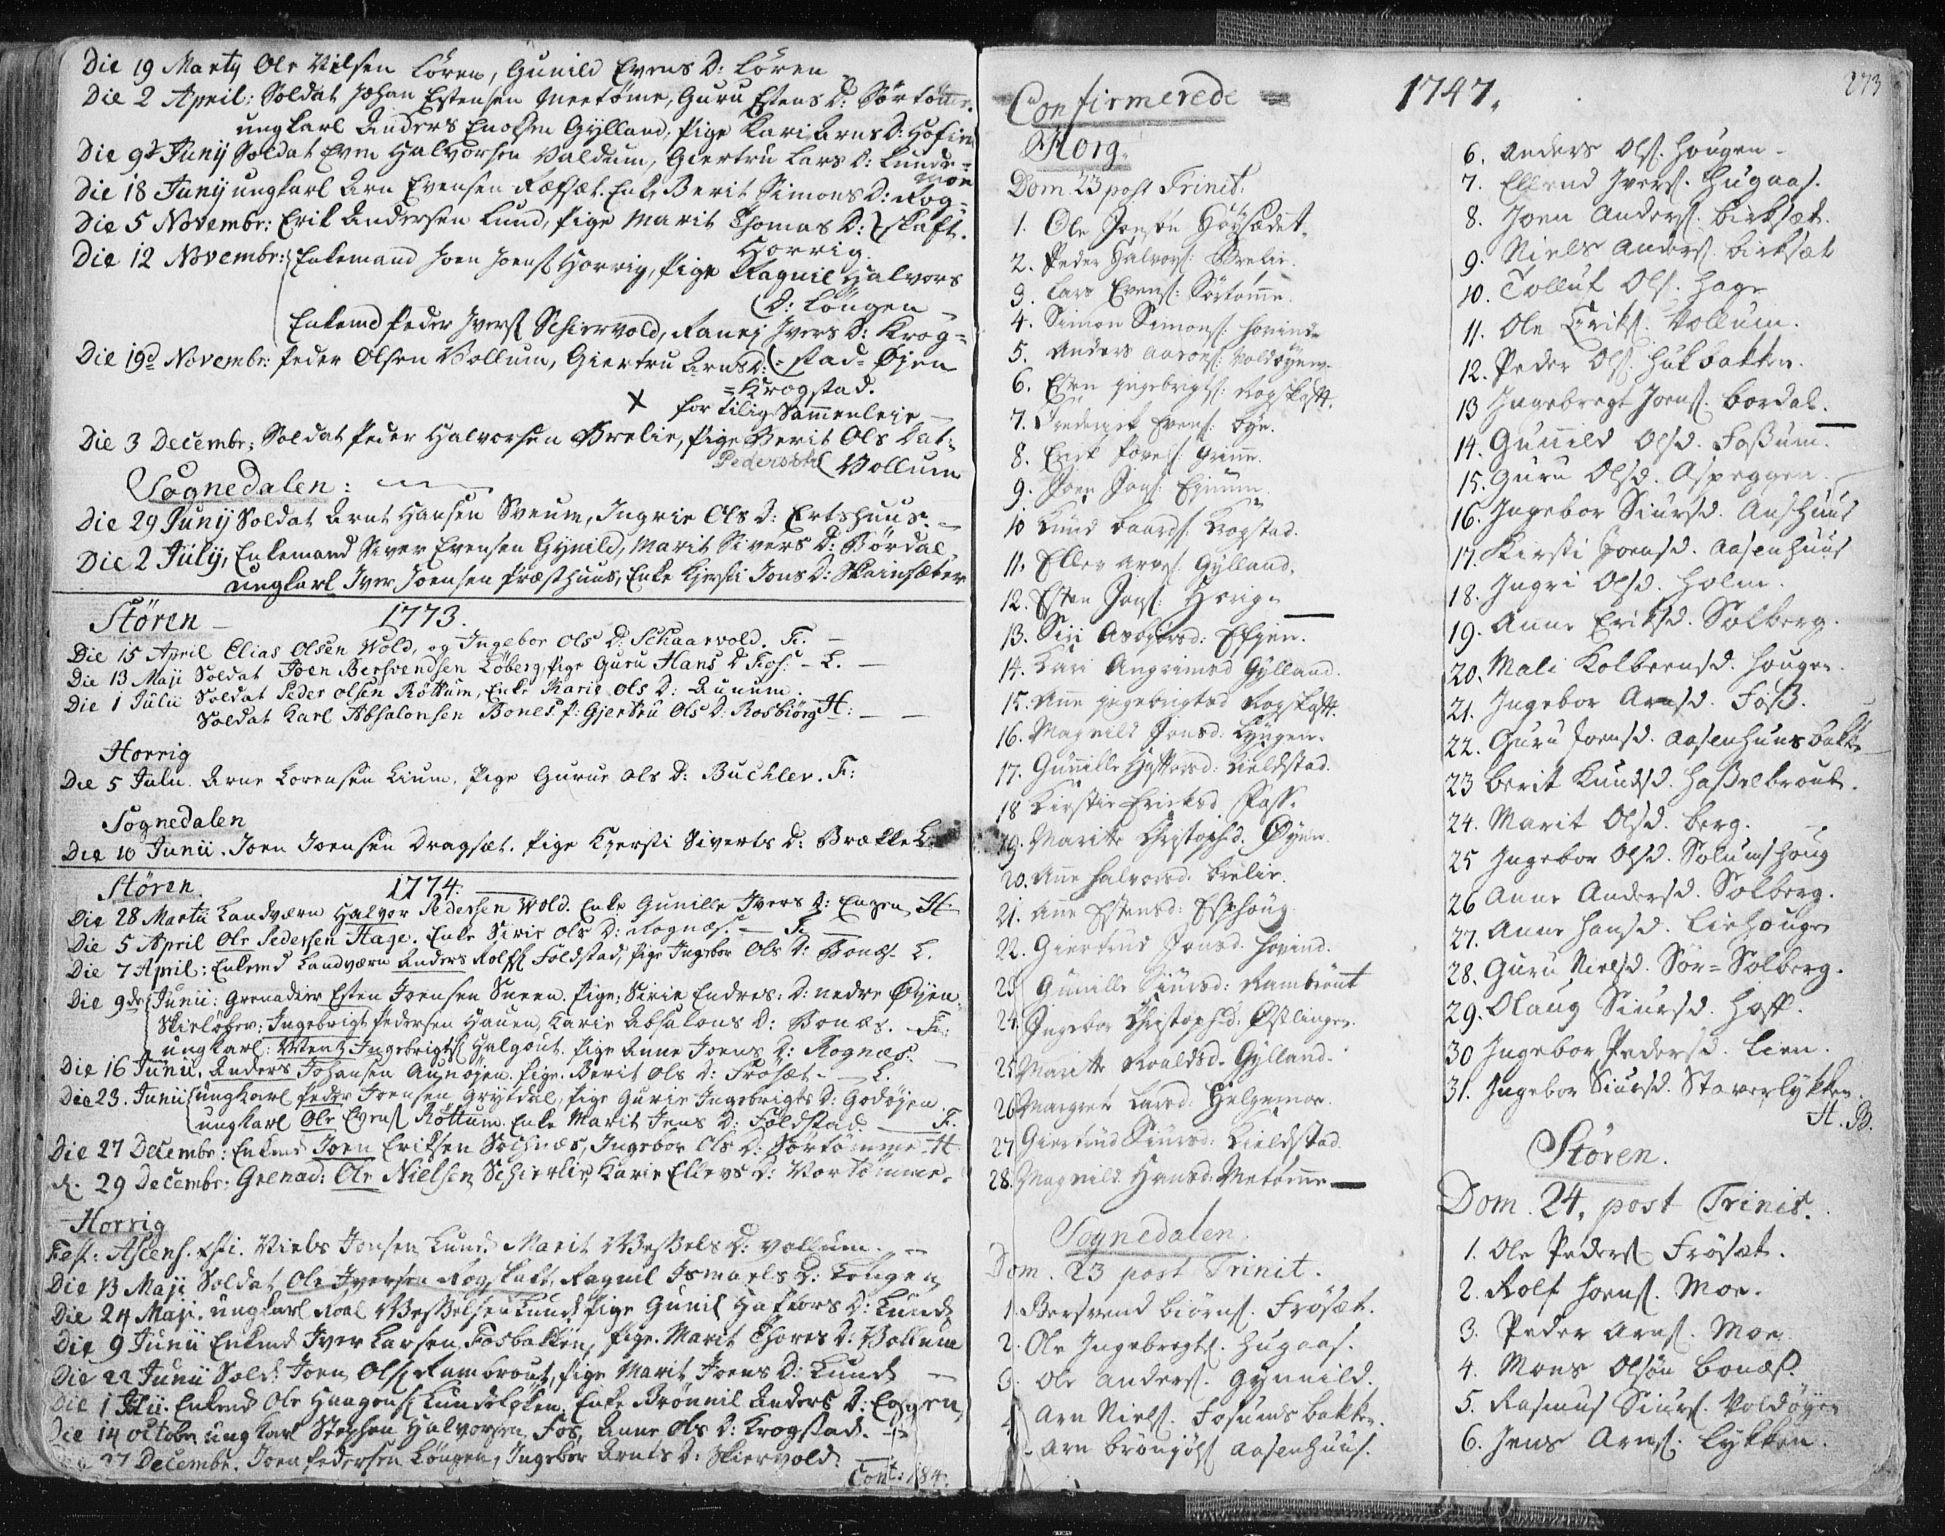 SAT, Ministerialprotokoller, klokkerbøker og fødselsregistre - Sør-Trøndelag, 687/L0991: Ministerialbok nr. 687A02, 1747-1790, s. 273